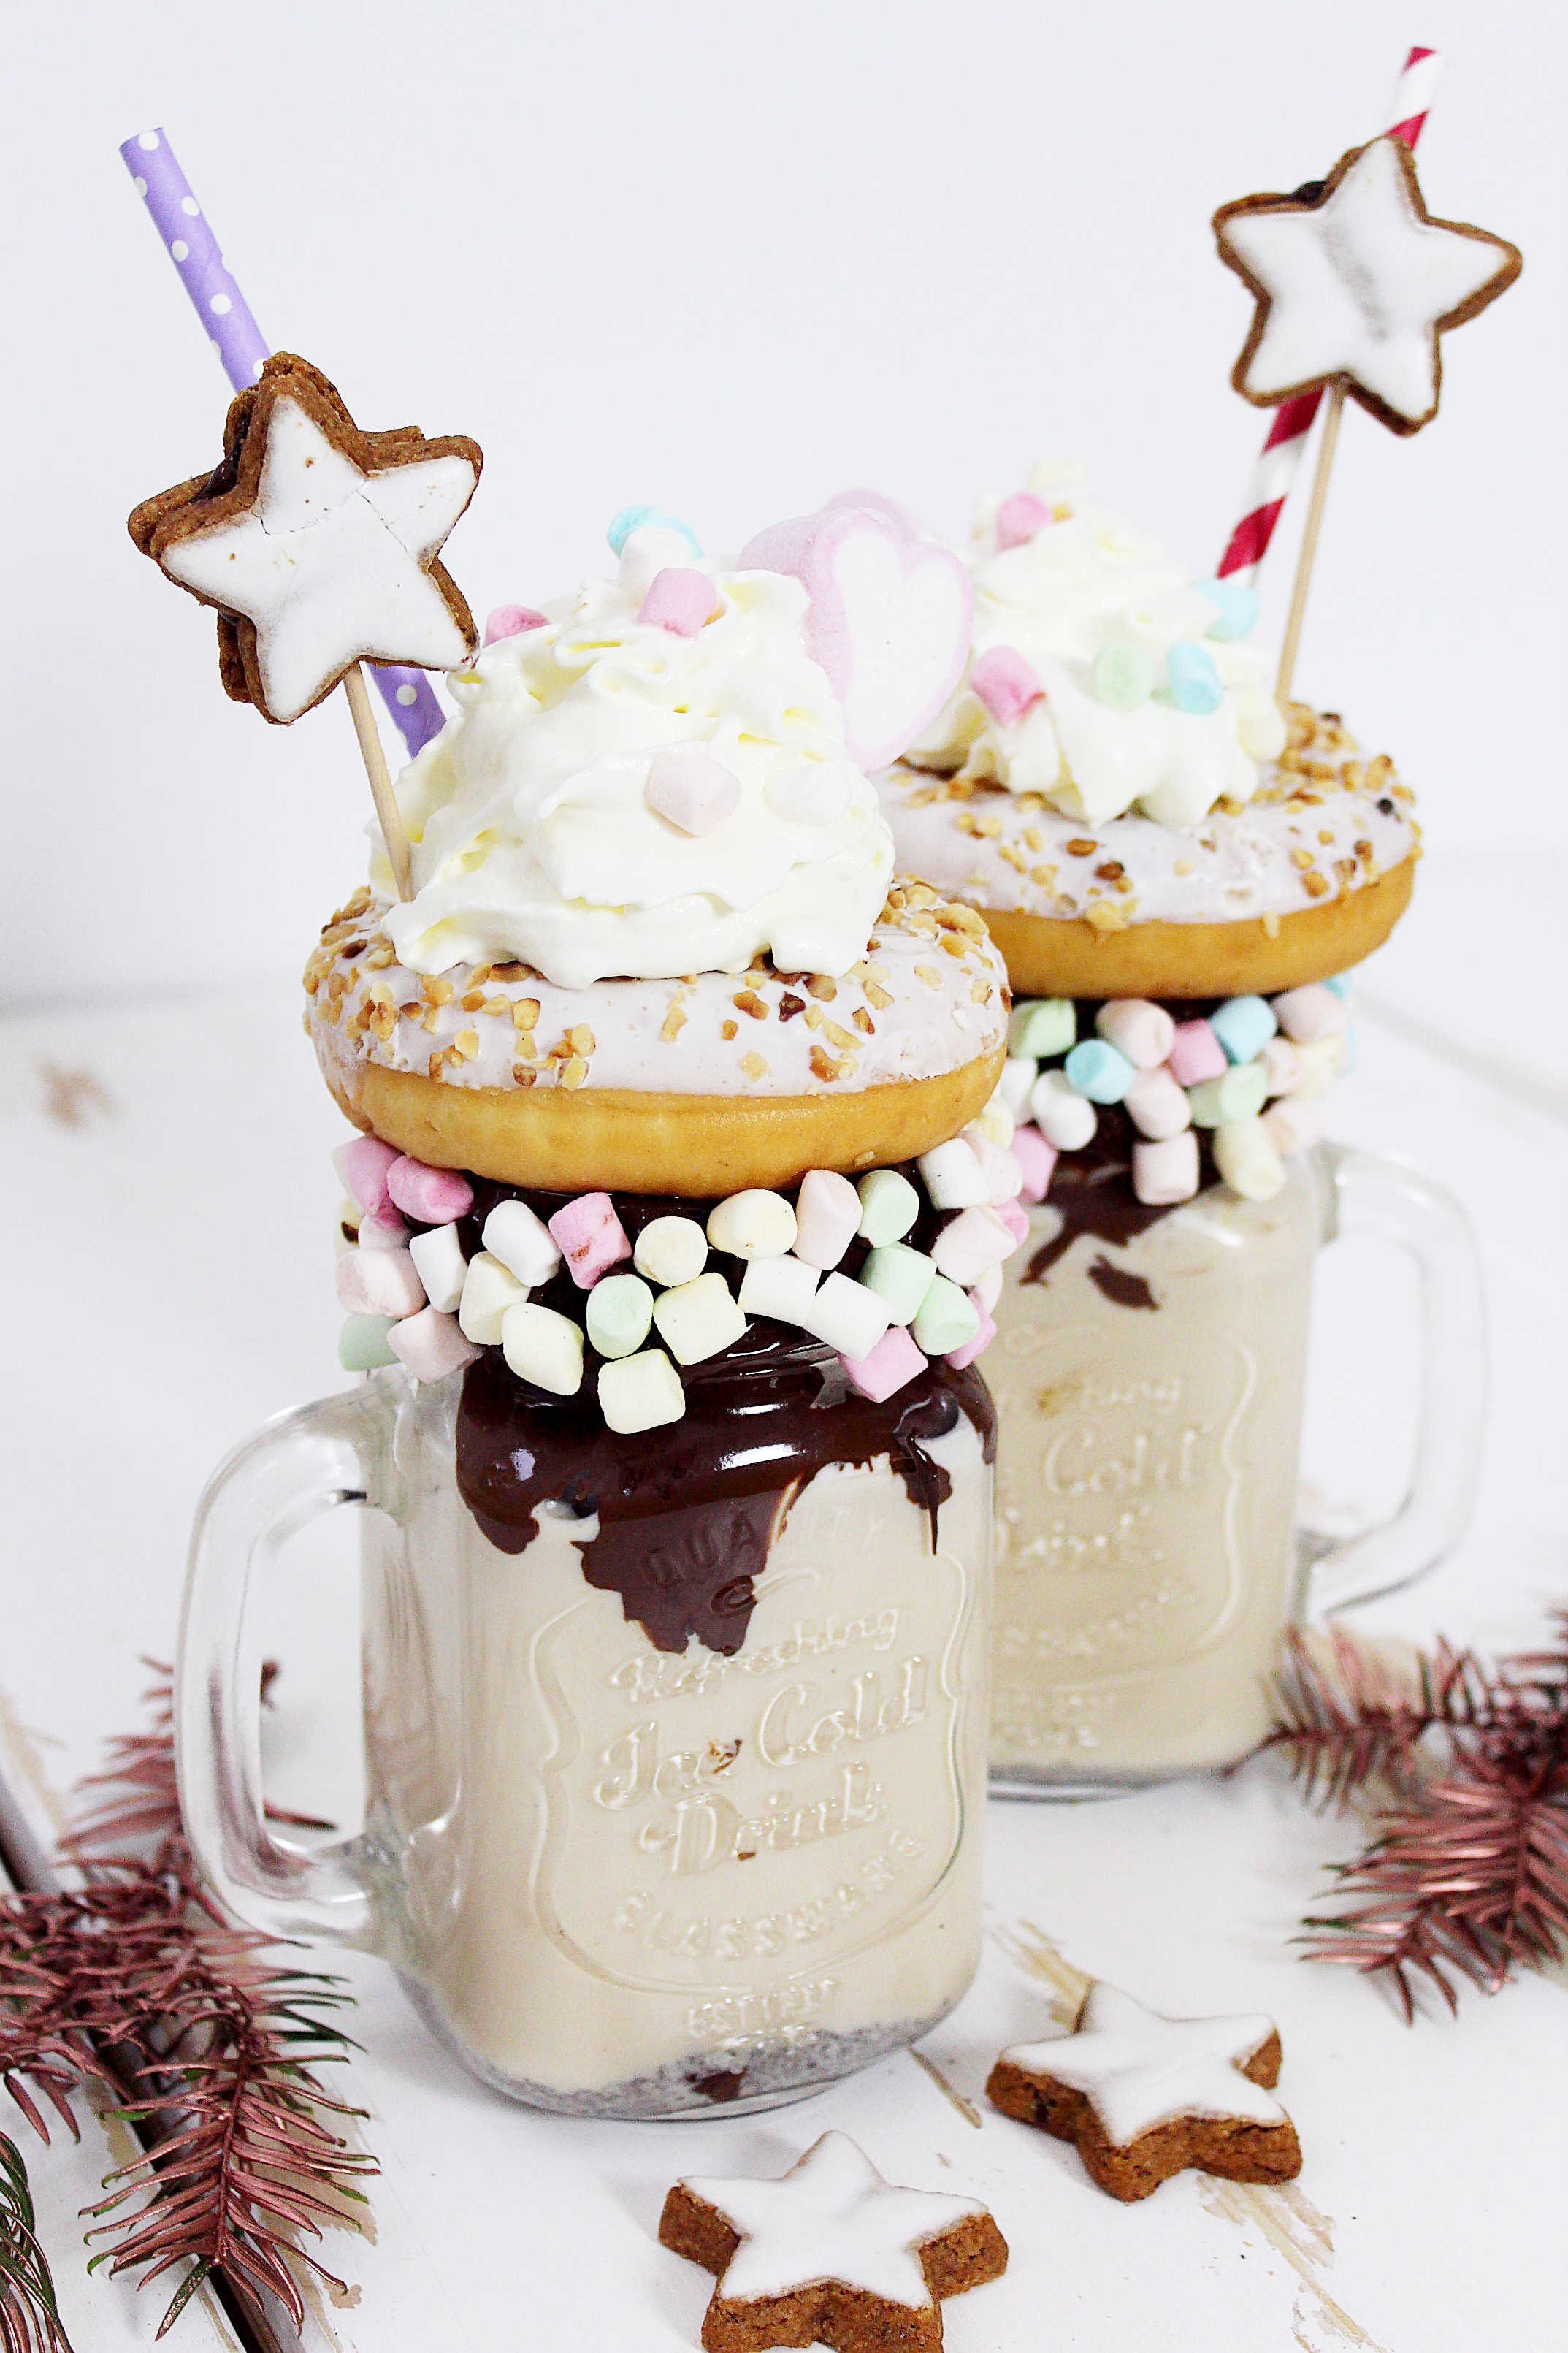 Chai-latte-rezept-freakshakes-diy-blog